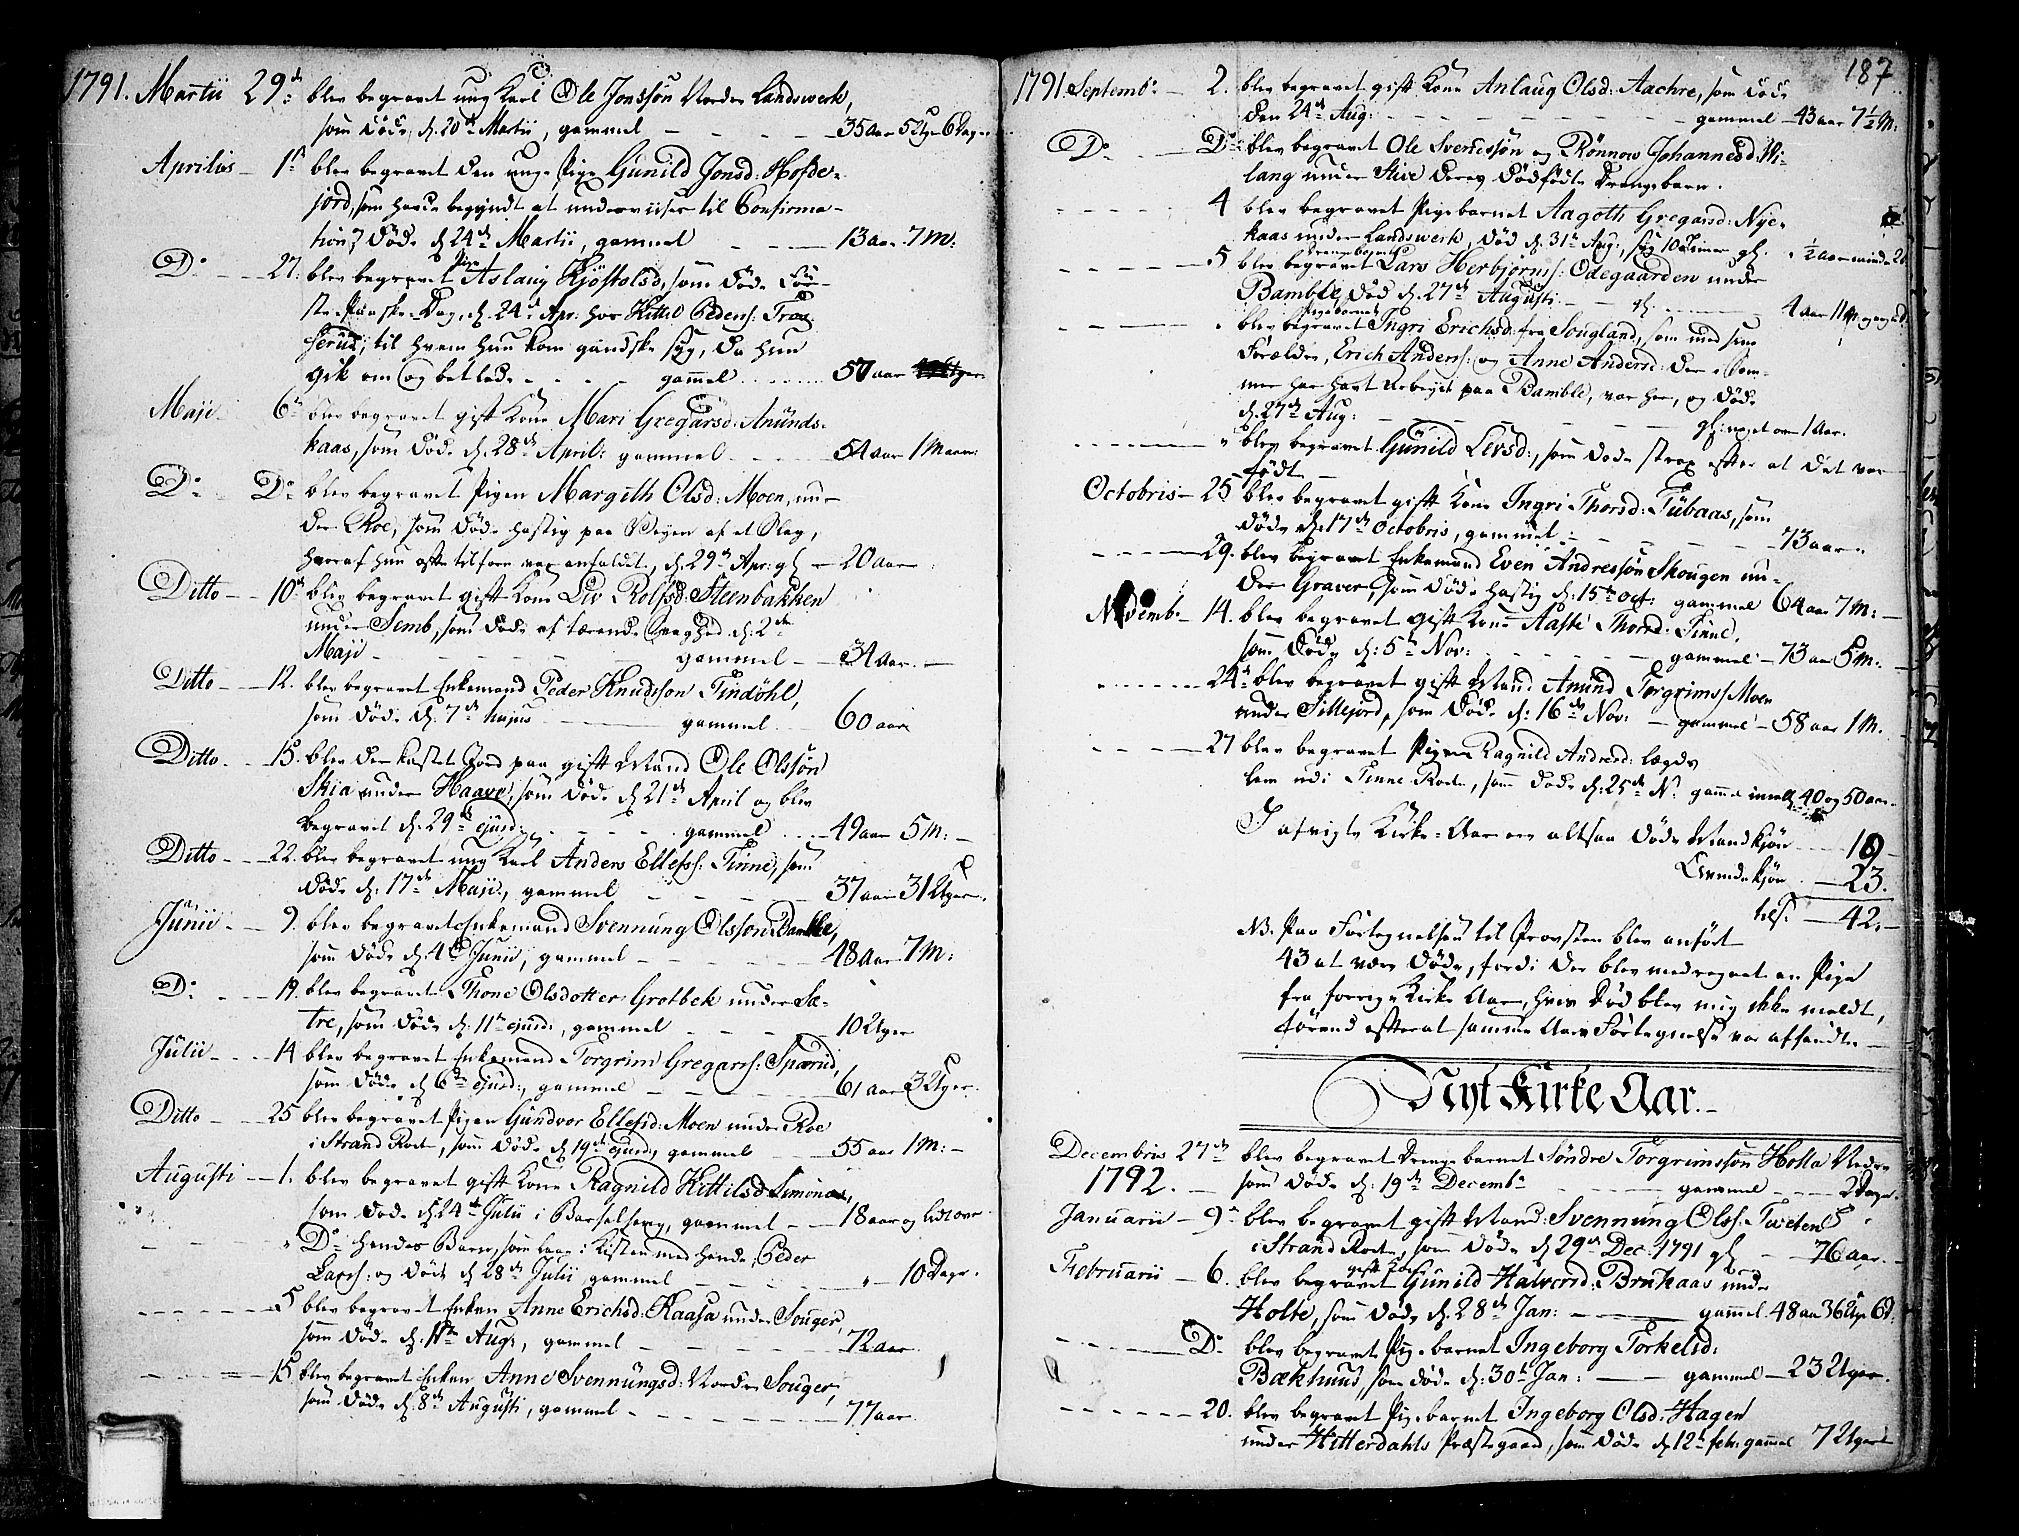 SAKO, Heddal kirkebøker, F/Fa/L0004: Ministerialbok nr. I 4, 1784-1814, s. 187